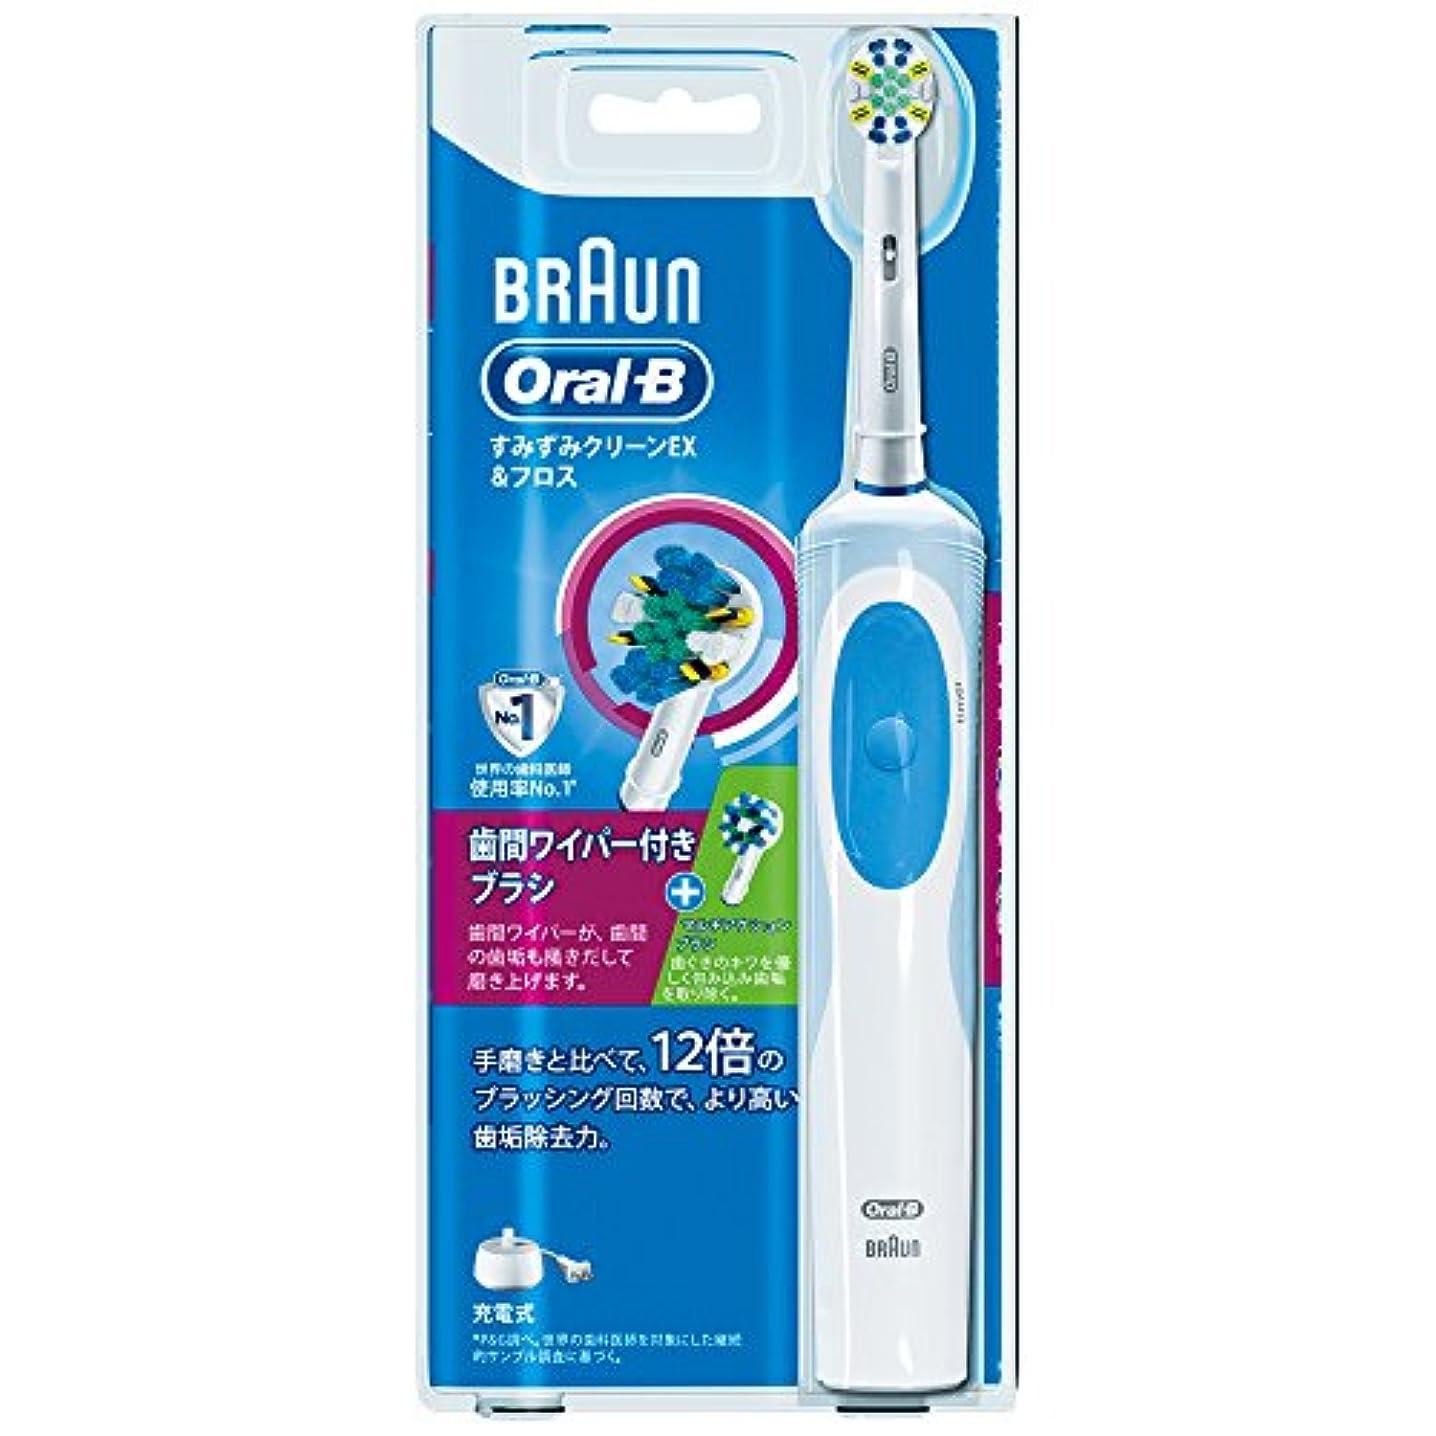 誠意フェリー優先ブラウン オーラルB 電動歯ブラシ すみずみクリーンEX&フロス (D12023AF)